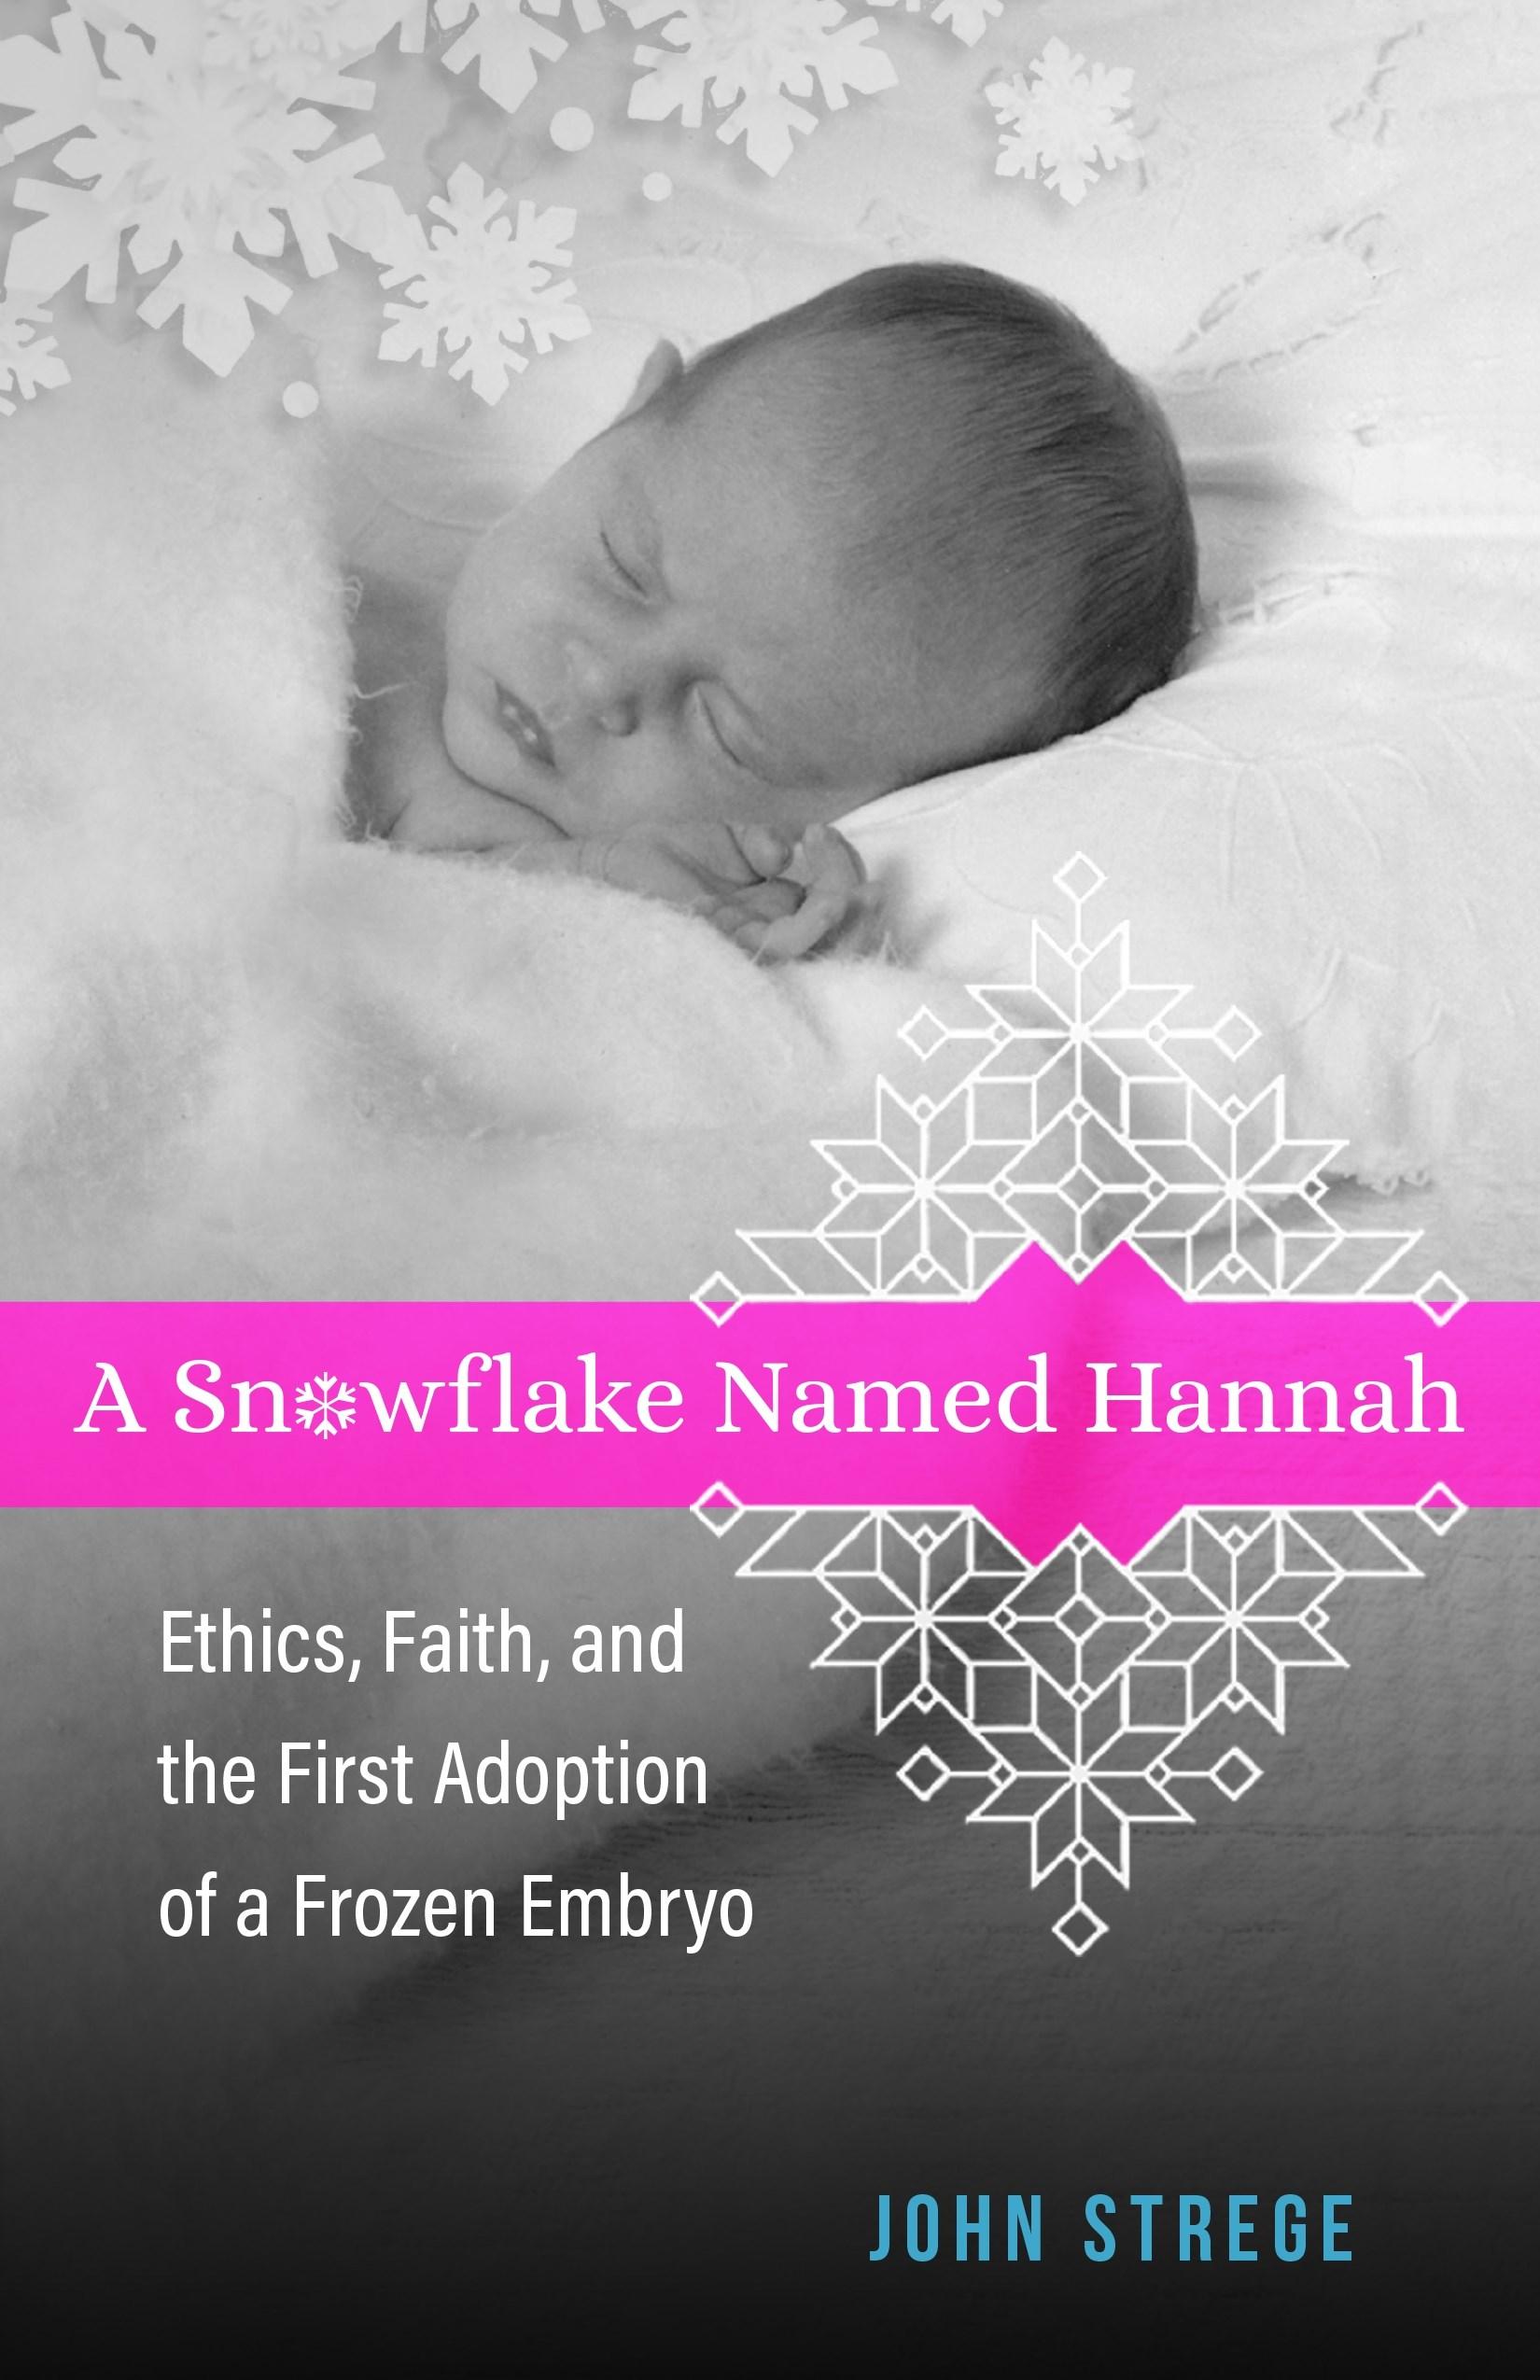 A Snowflake Named Hannah